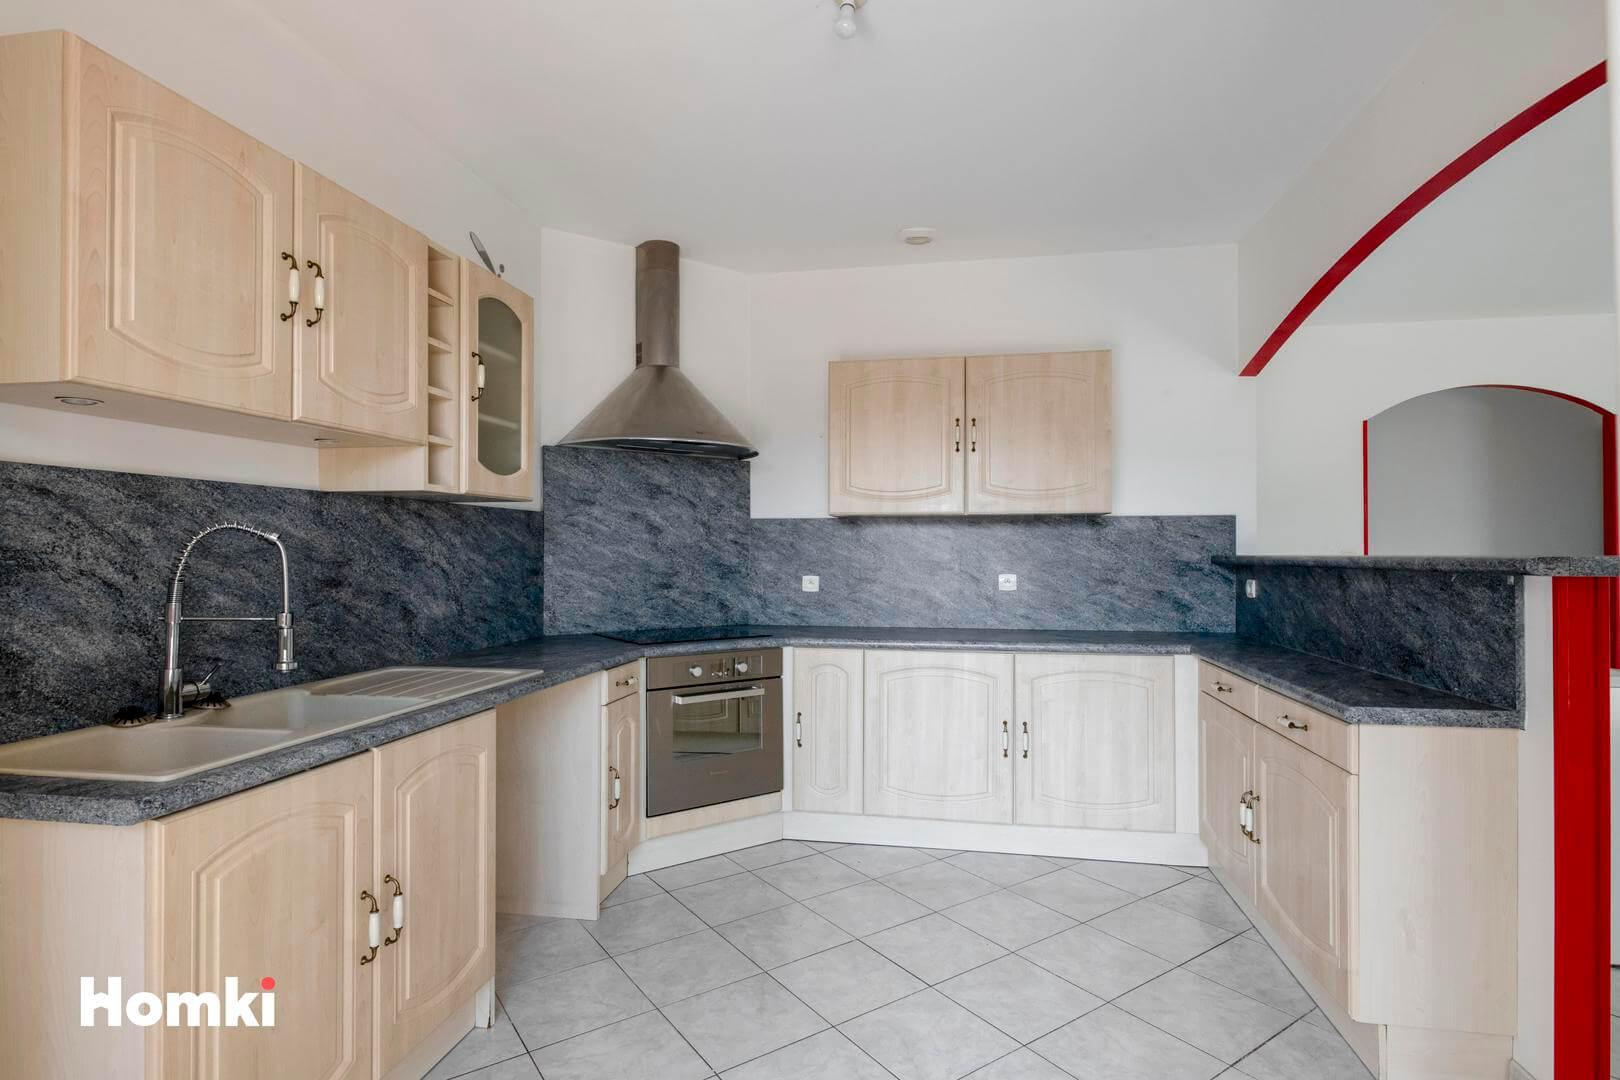 Homki - Vente Maison/villa  de 91.0 m² à Calvisson 30420